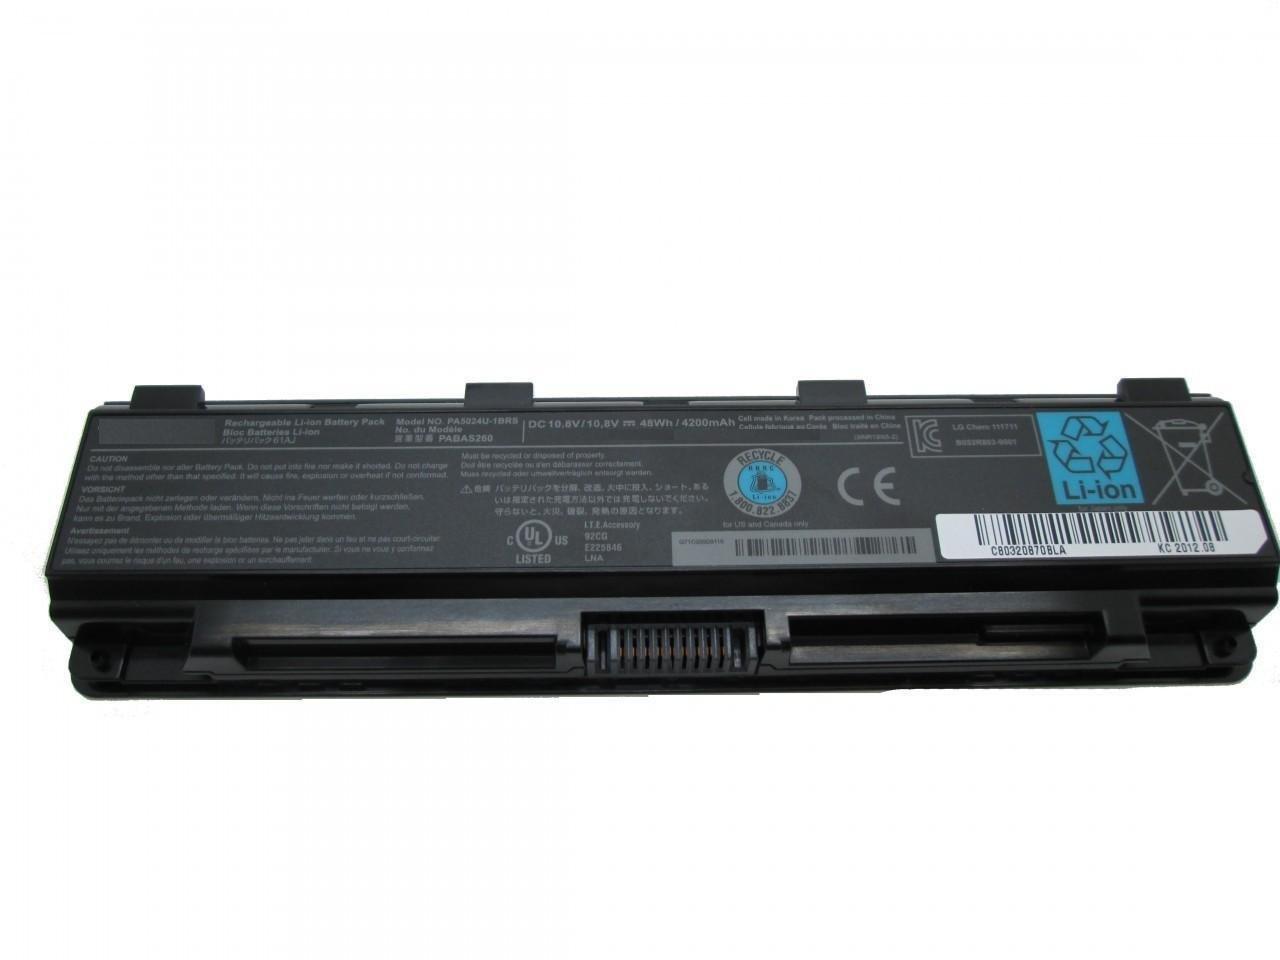 Toshiba satellite L840D L845 L850 L850D L855 L855D compatible Laptop battery